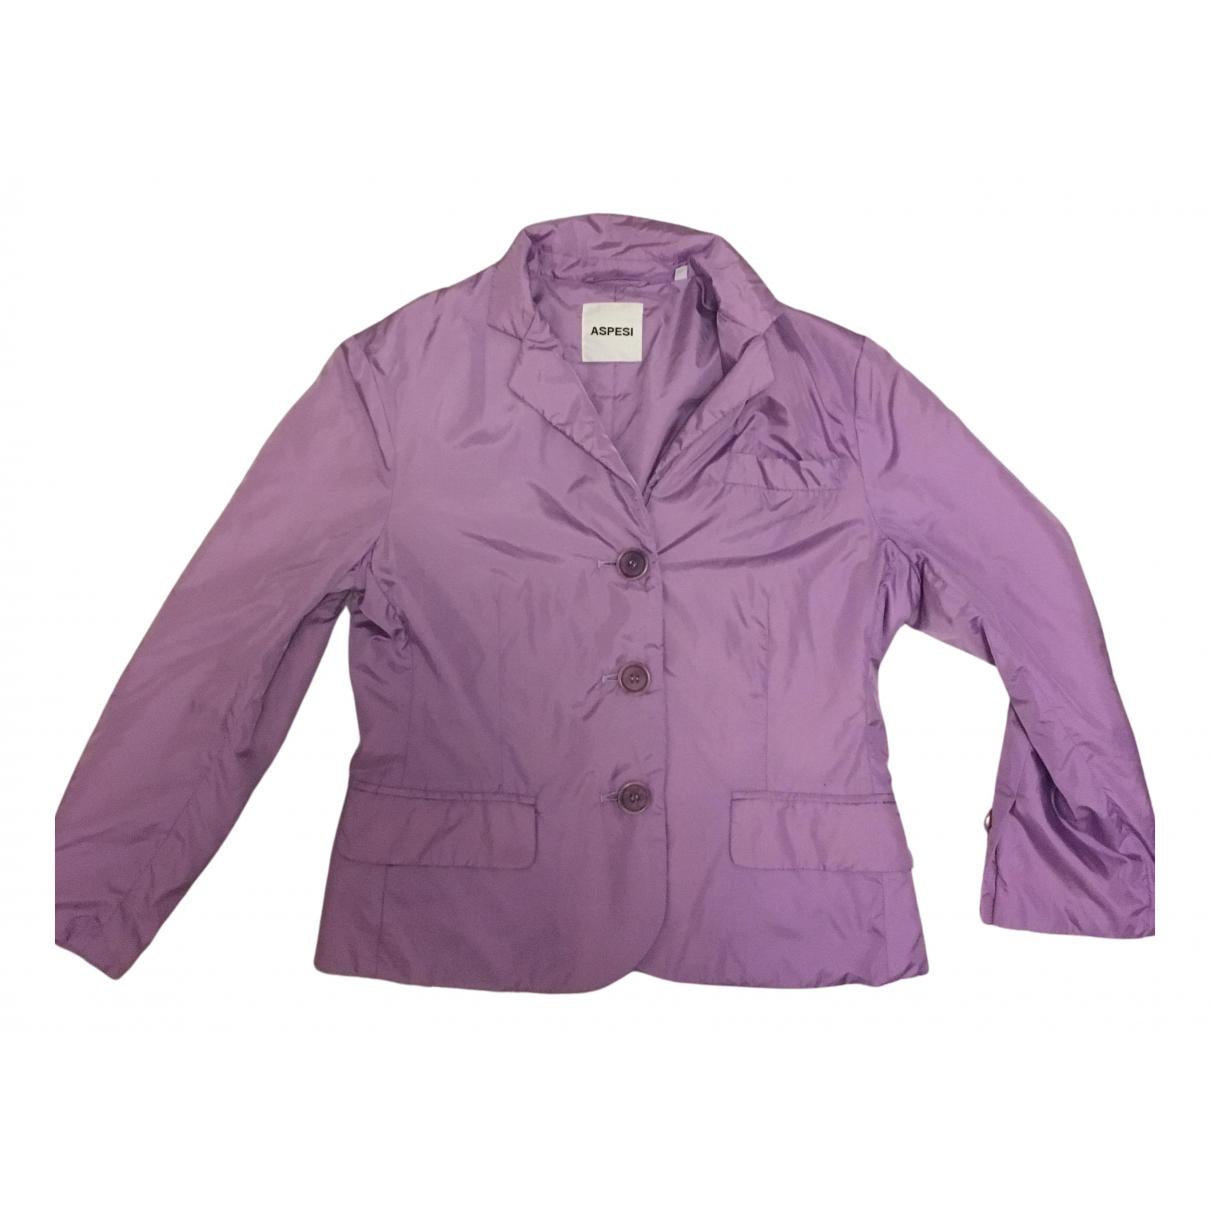 Aspesi - Veste   pour femme - violet